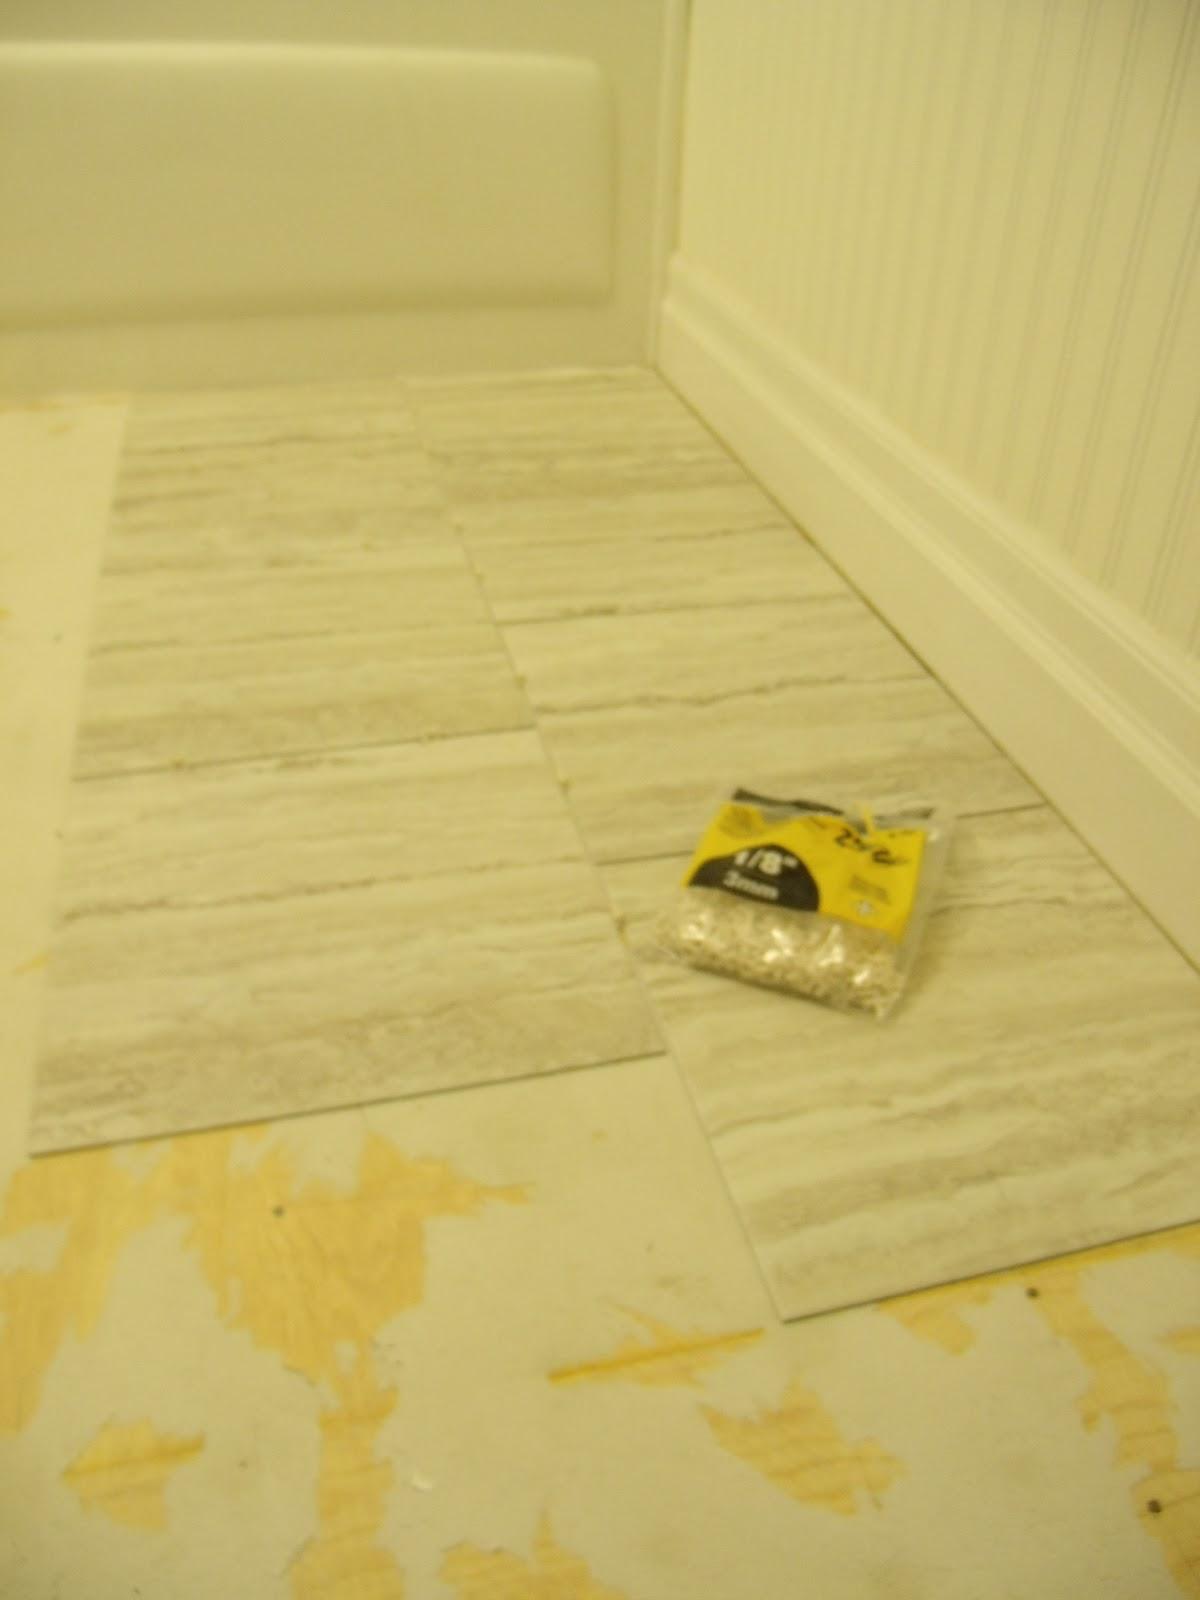 B And Q Bathroom Floor : Bathroom design tool nz myideasbedroom